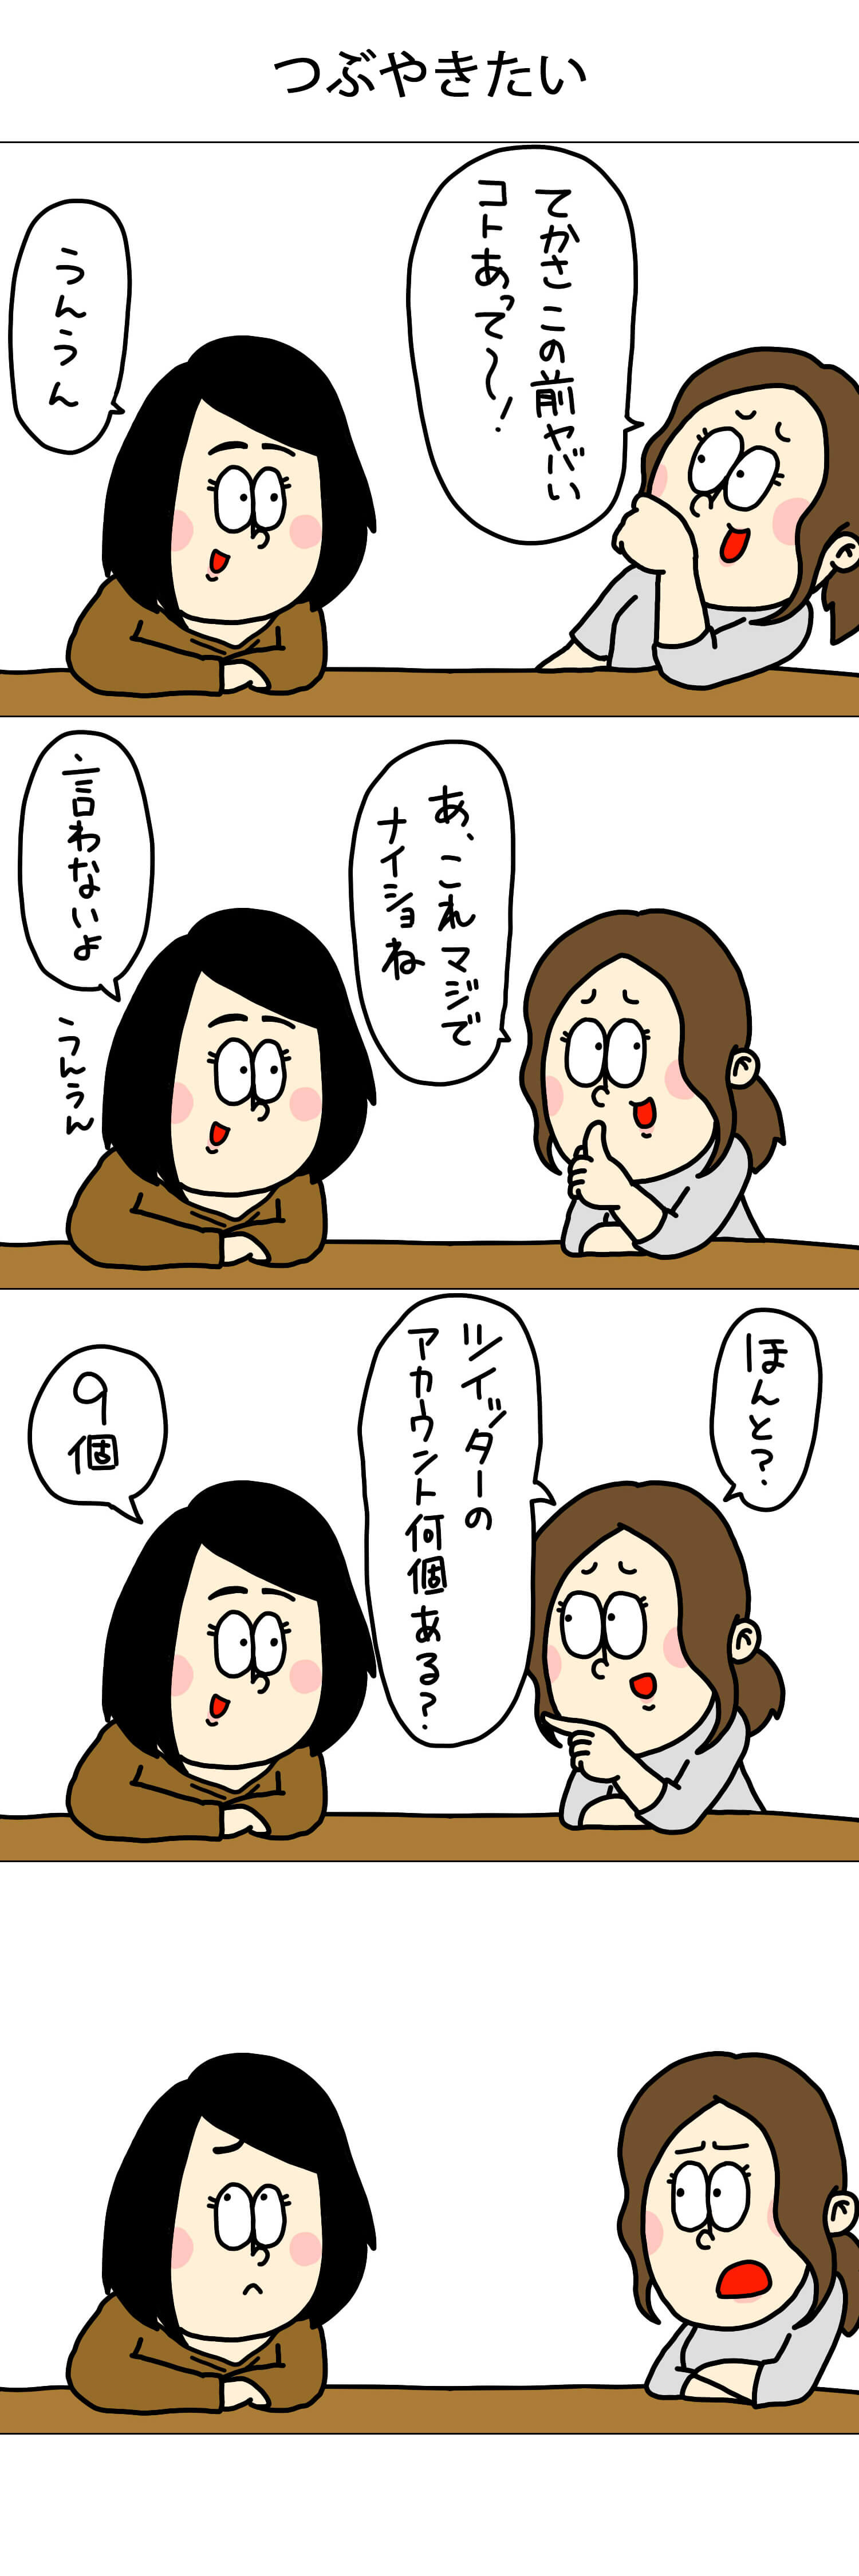 つぶやきたい アメヒロさん 漫画 4コマ  フロム・エー FromA